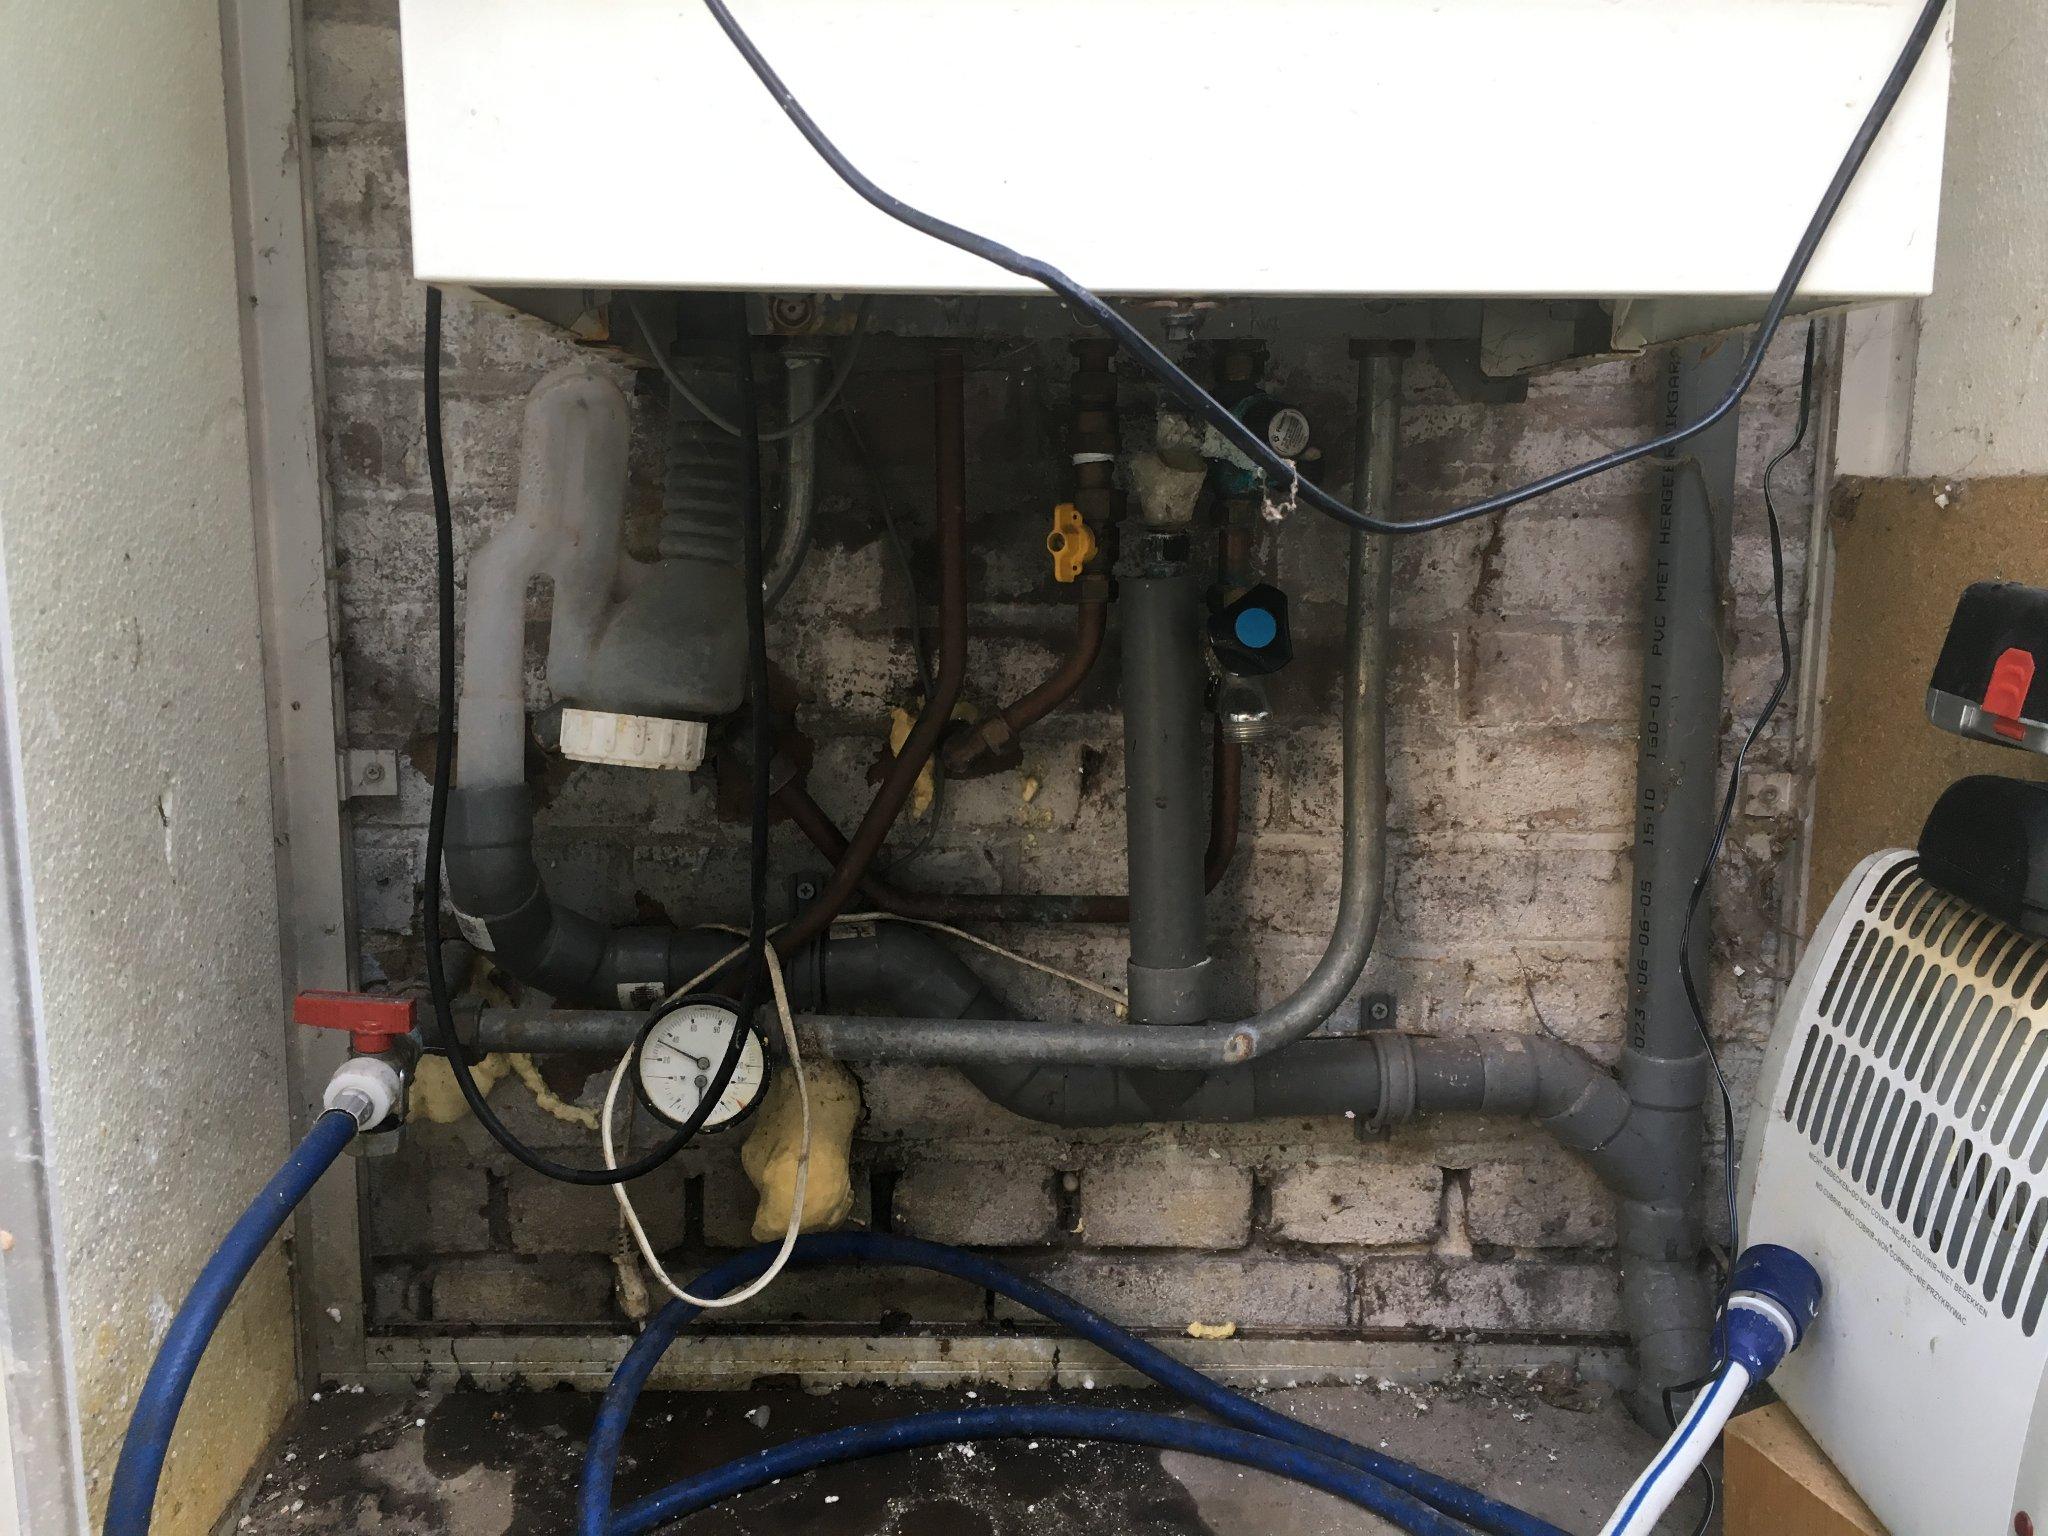 Tuinhuis installatiewerk (CV-ketel, wasmachine, verlichting) - Werkspot